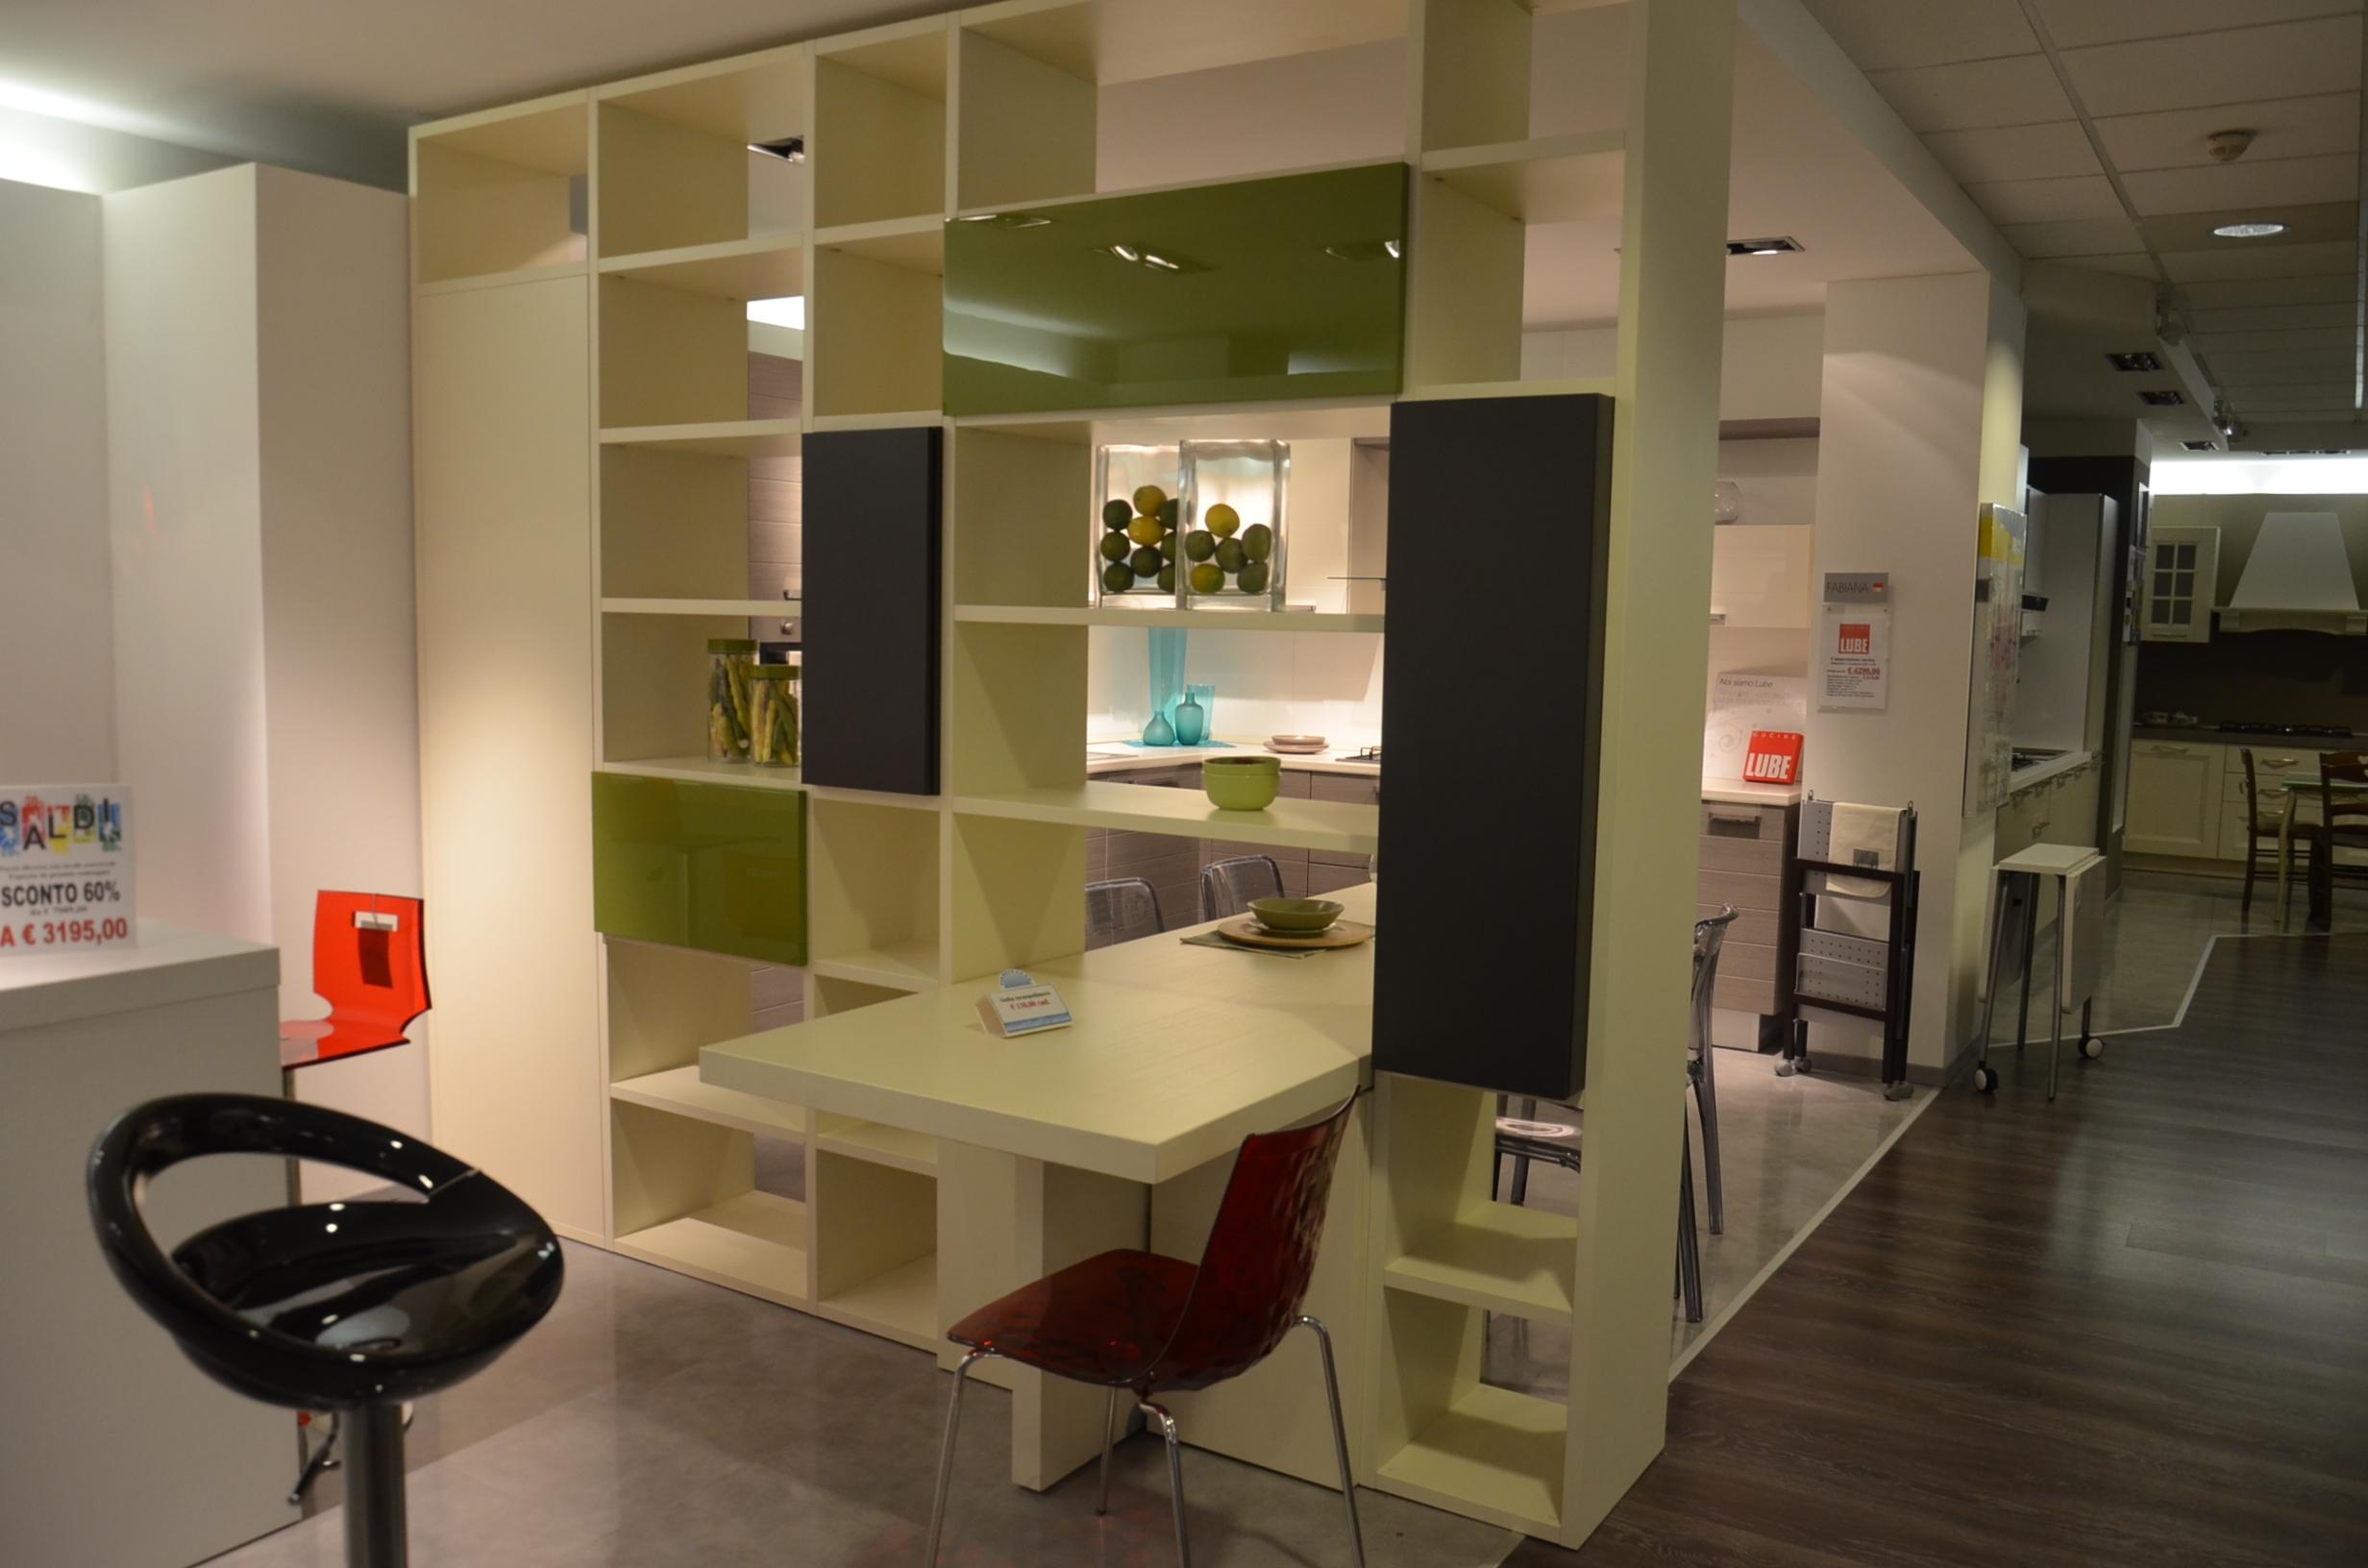 Libreria mod off set 13926 soggiorni a prezzi scontati - Mobile libreria a parete ...